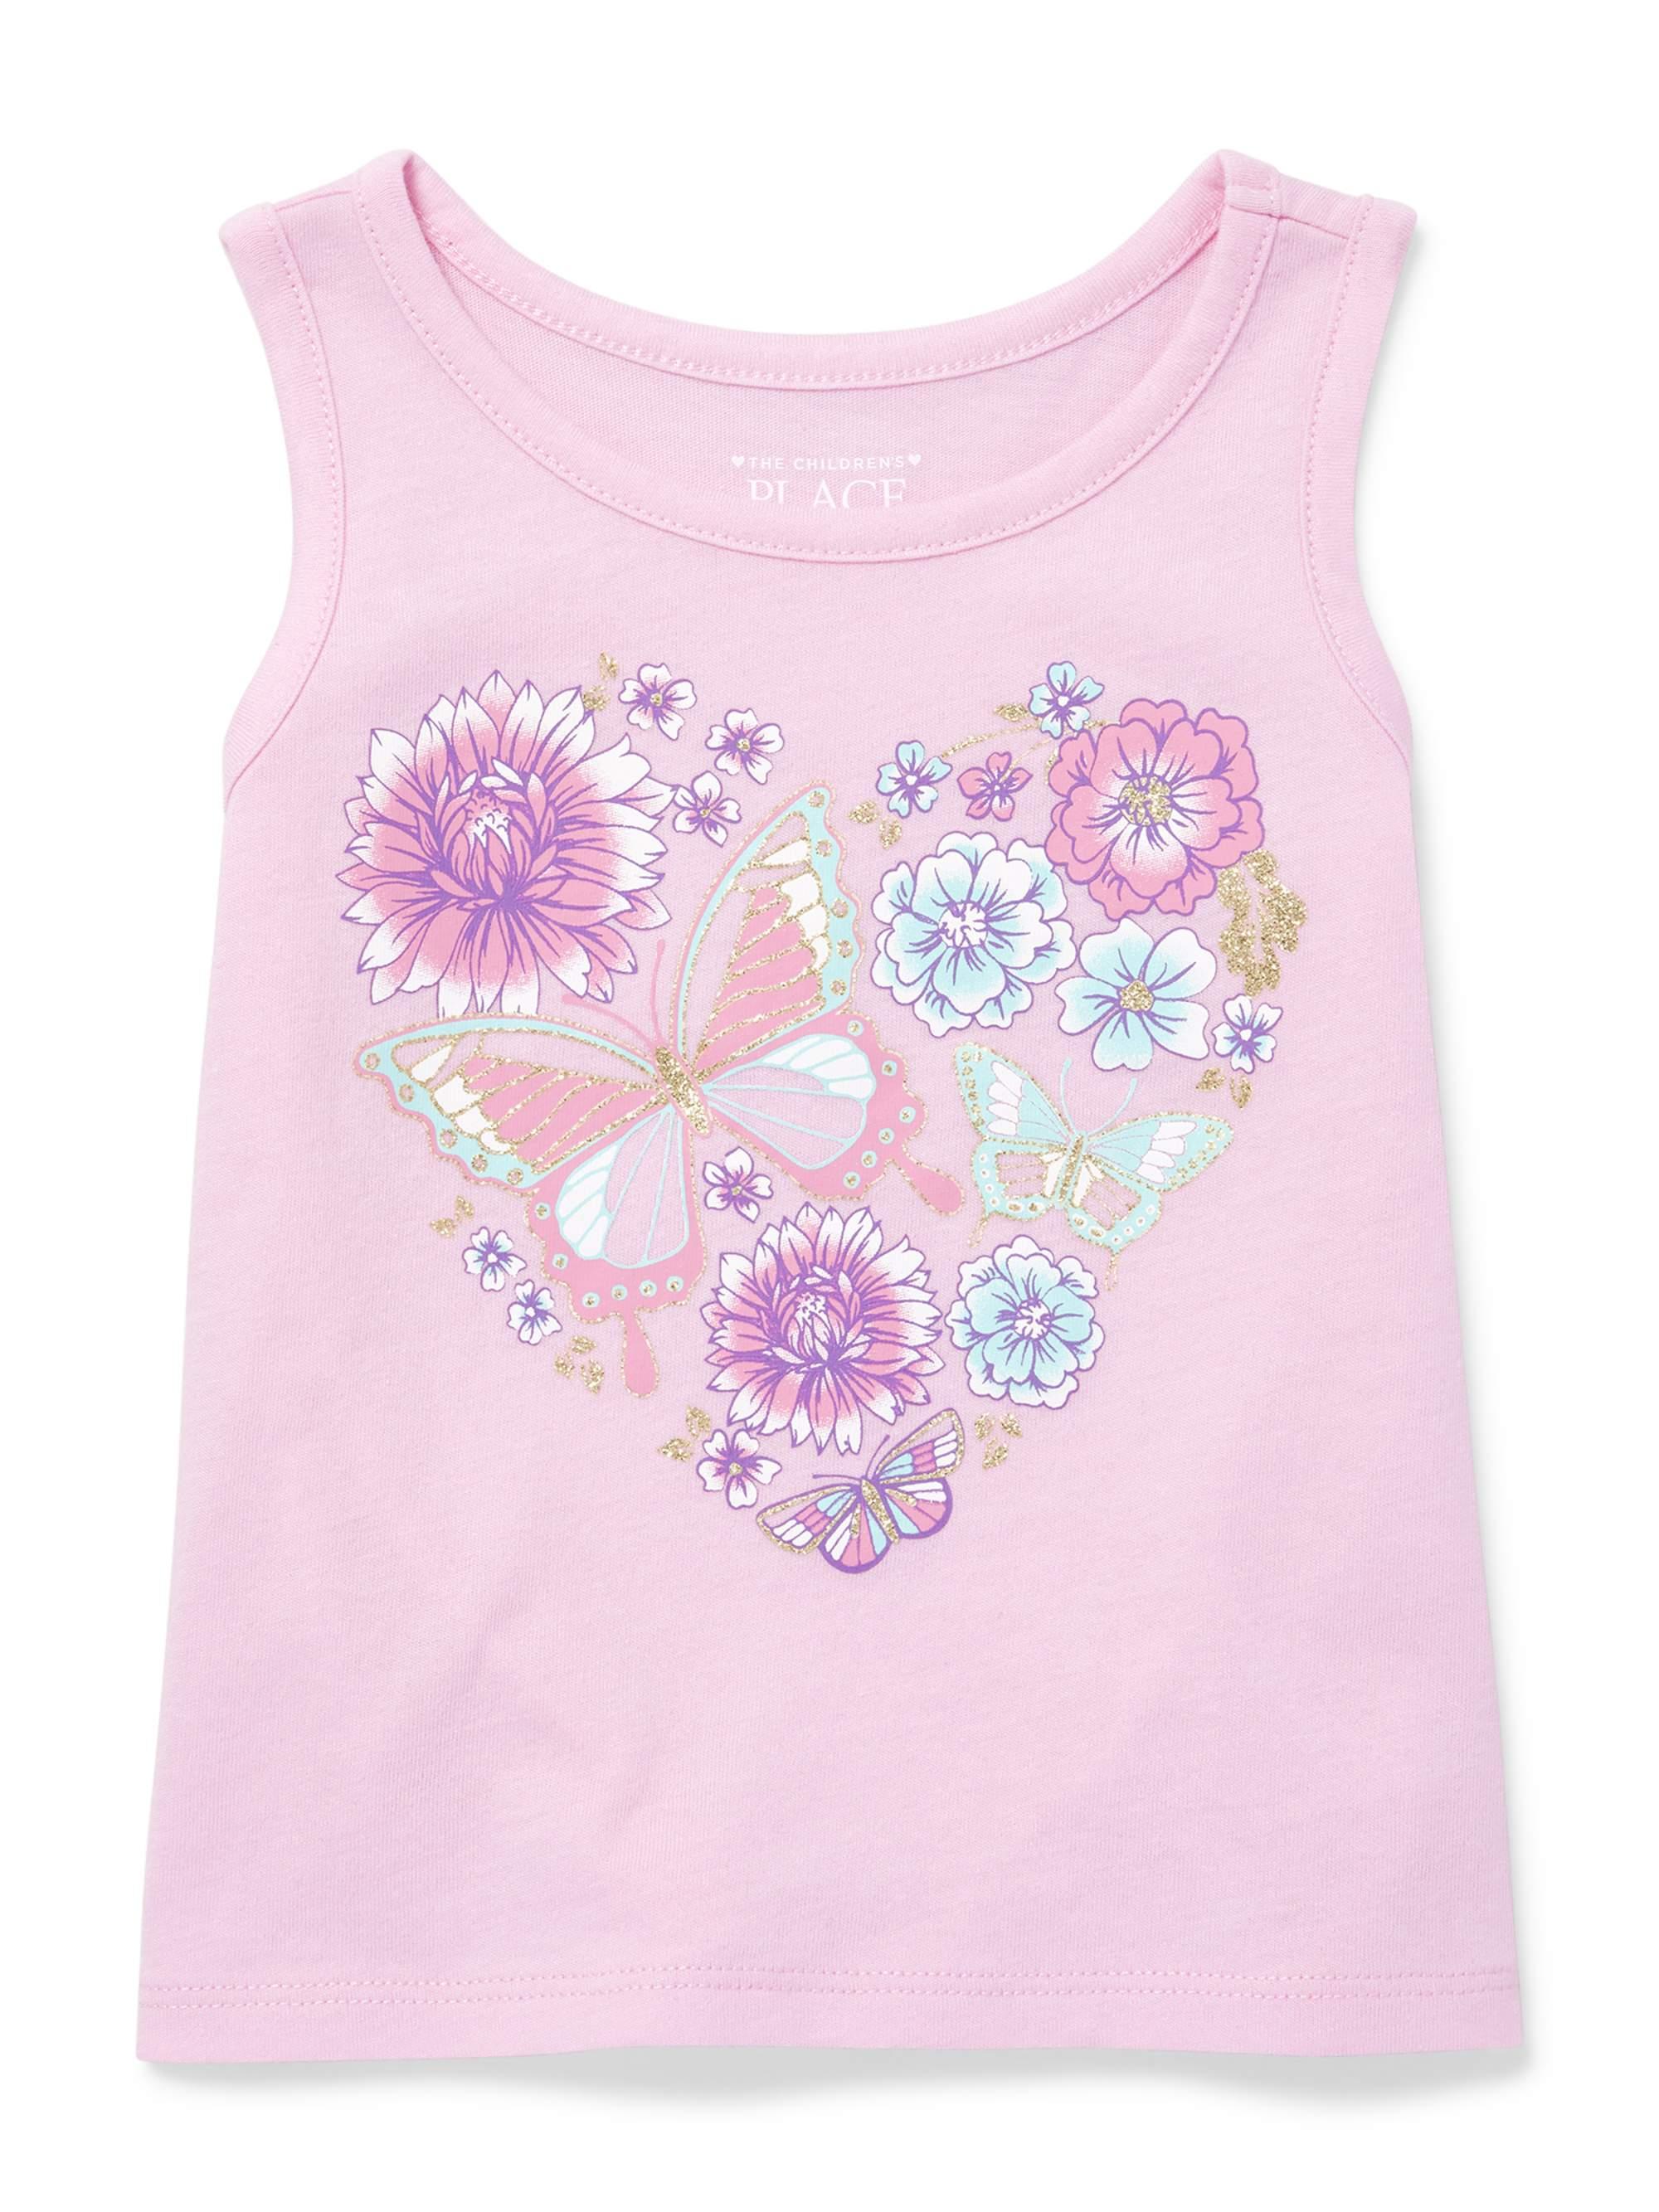 Graphic Tank (Baby Girls & Toddler Girls)